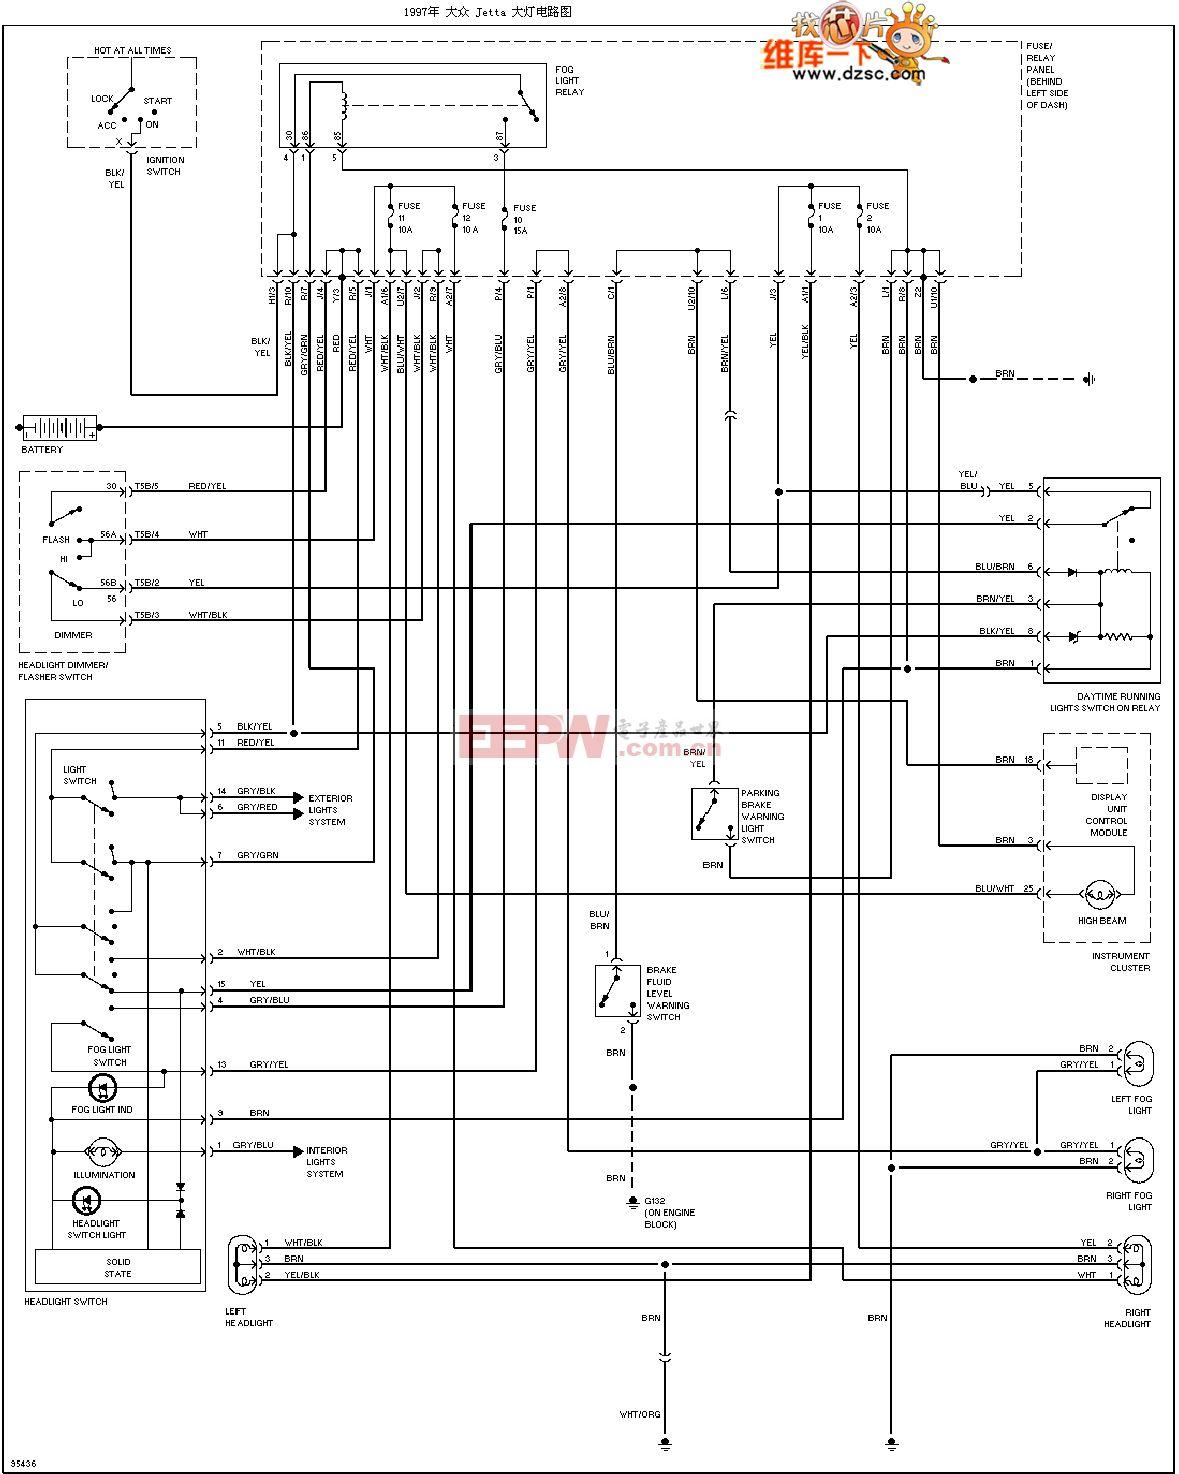 1997捷达大灯电路图-综合电路图-电子产品世界